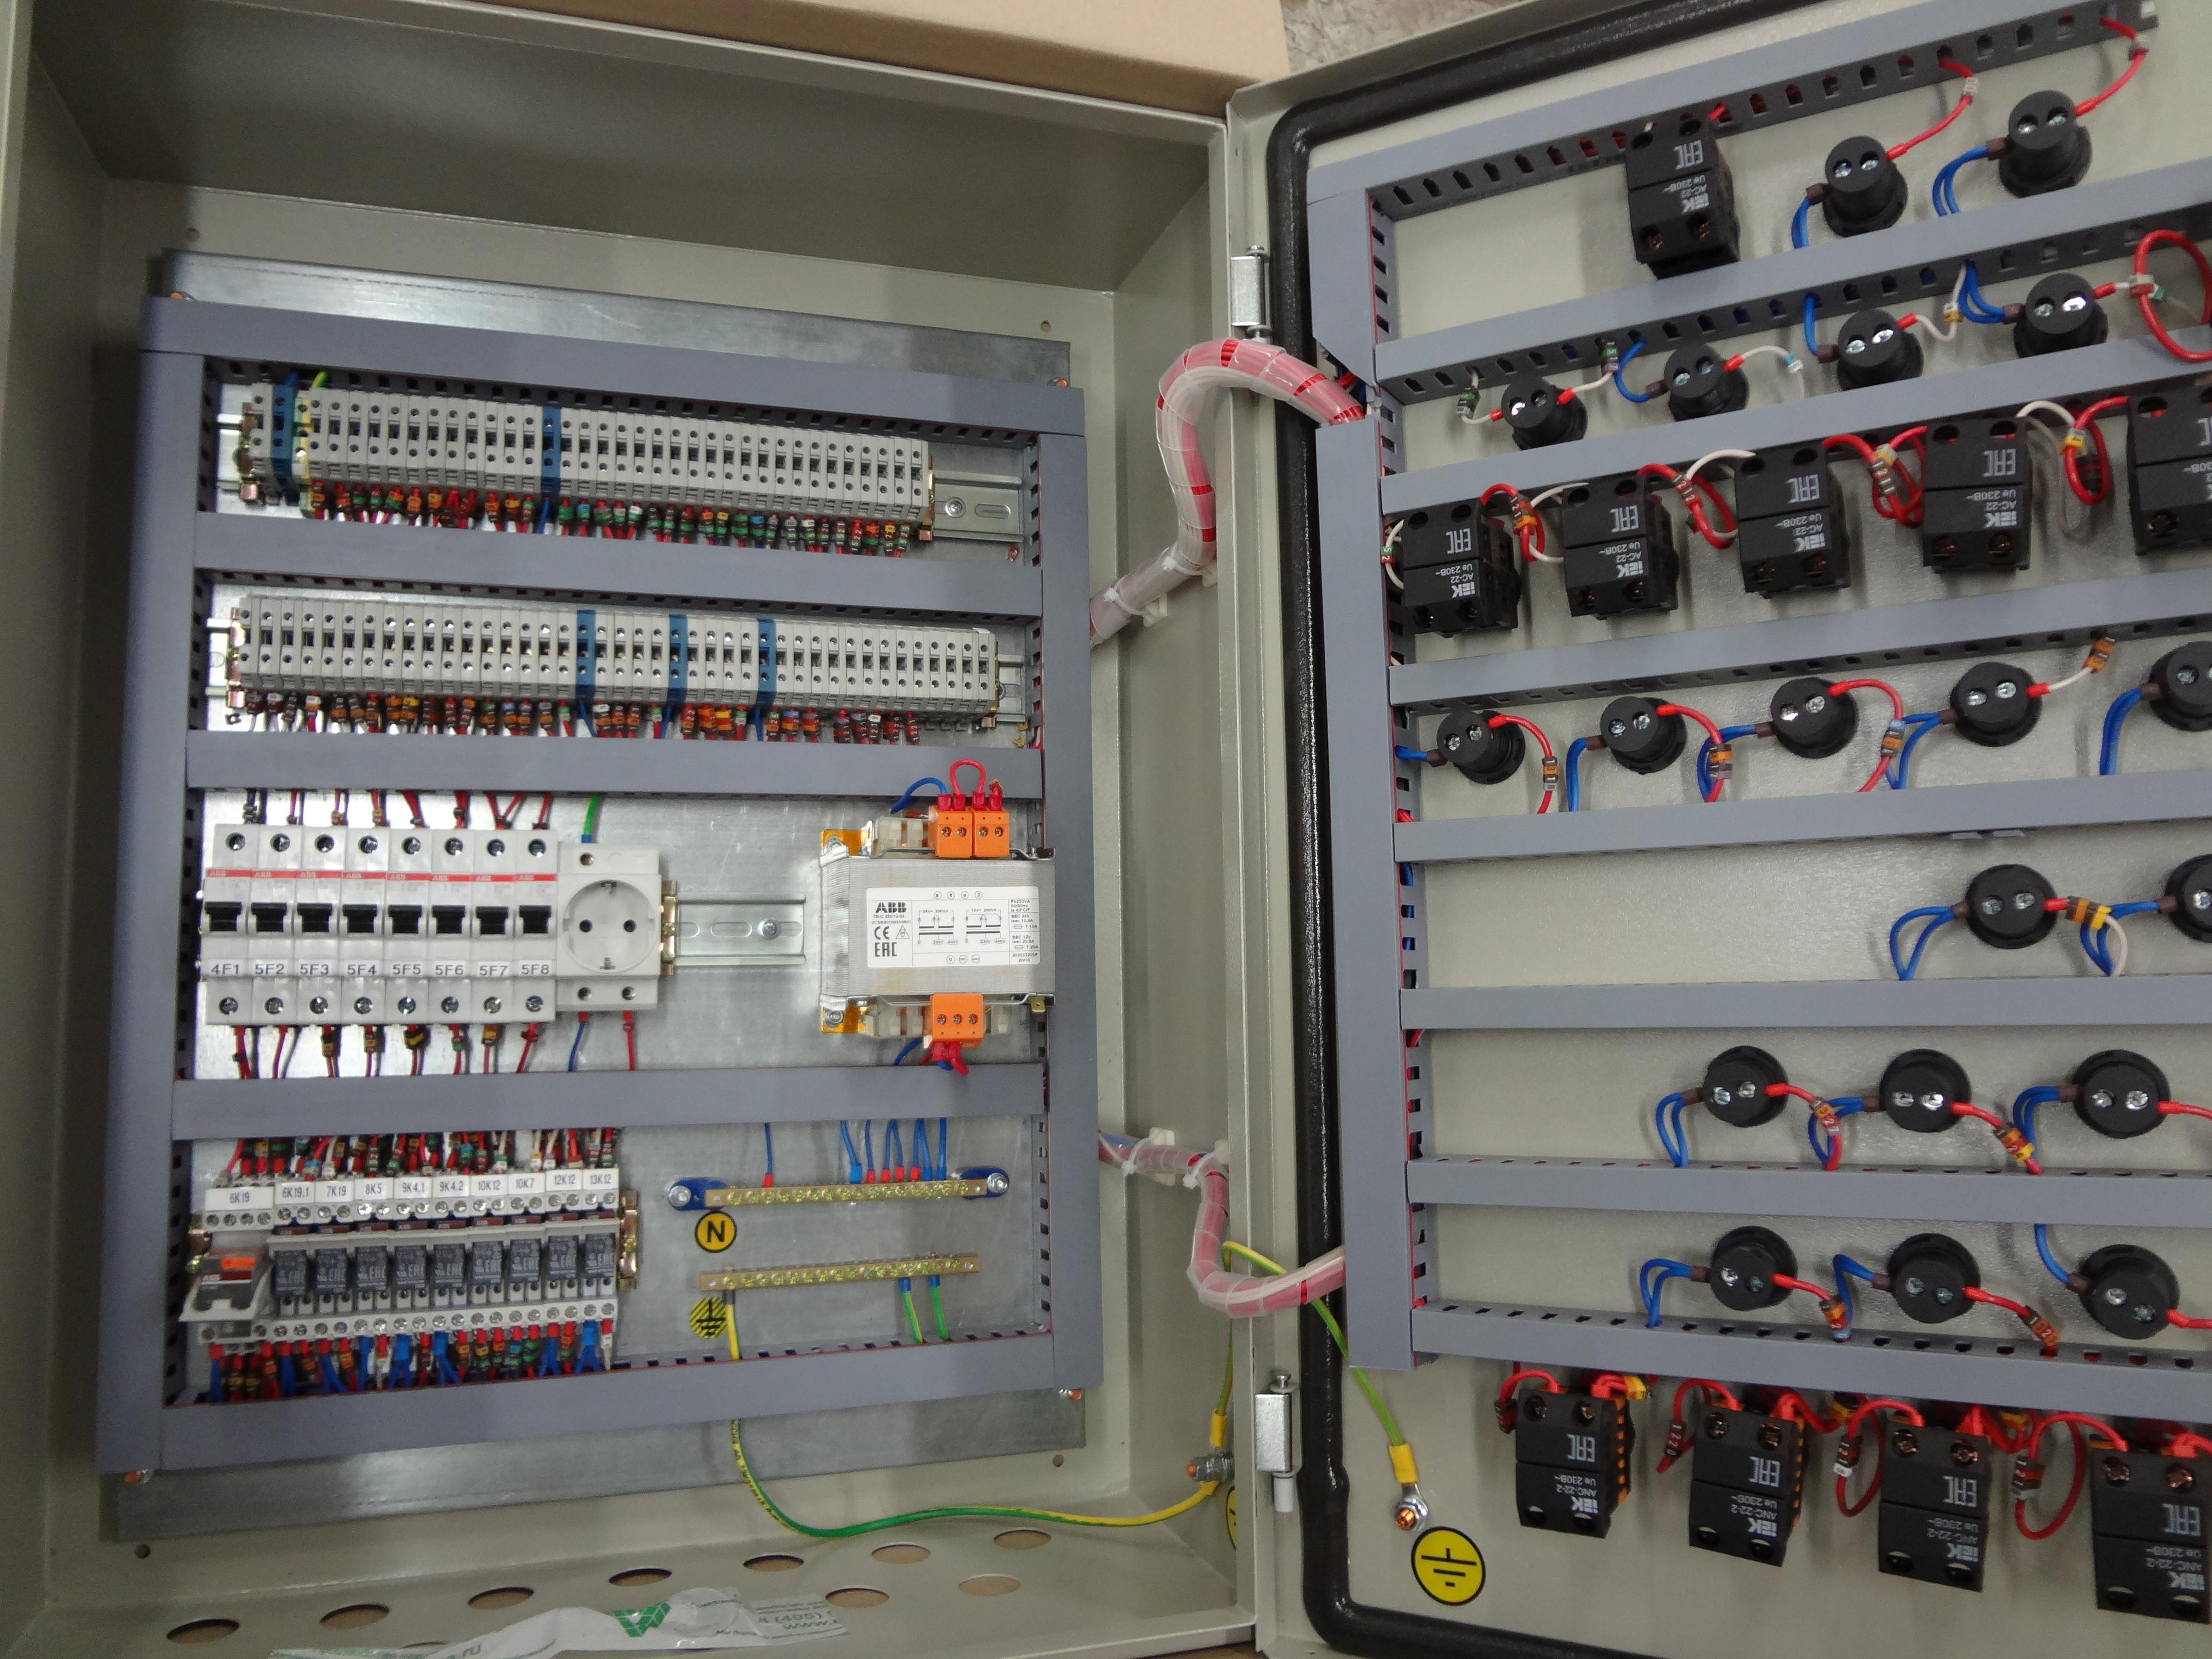 схема подключения счетчика меркурий 202 к сип кабелю